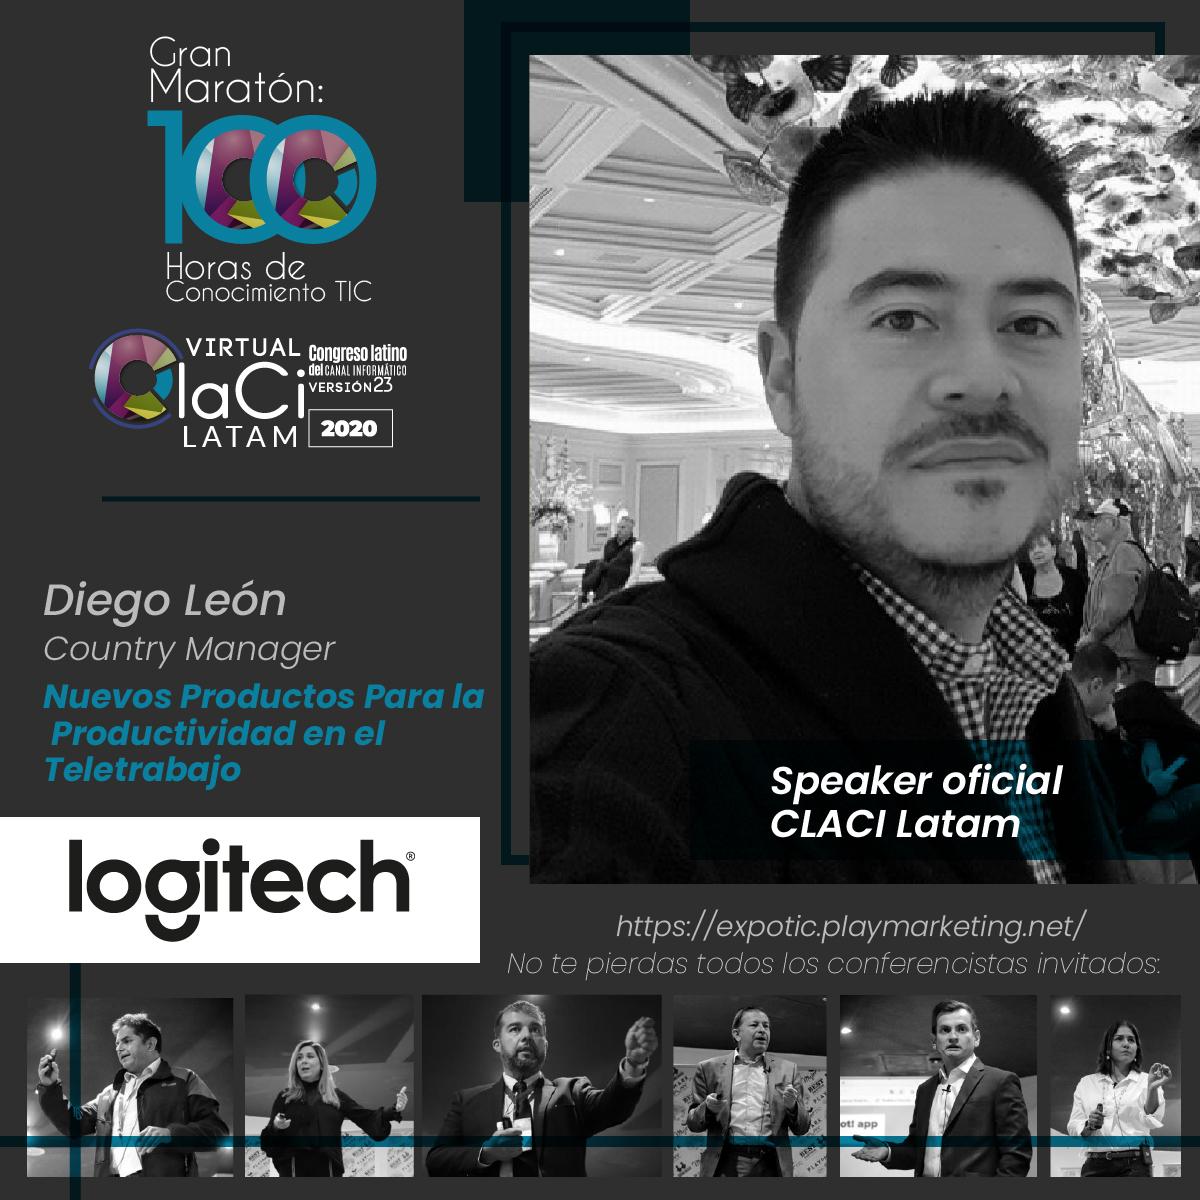 Diego León